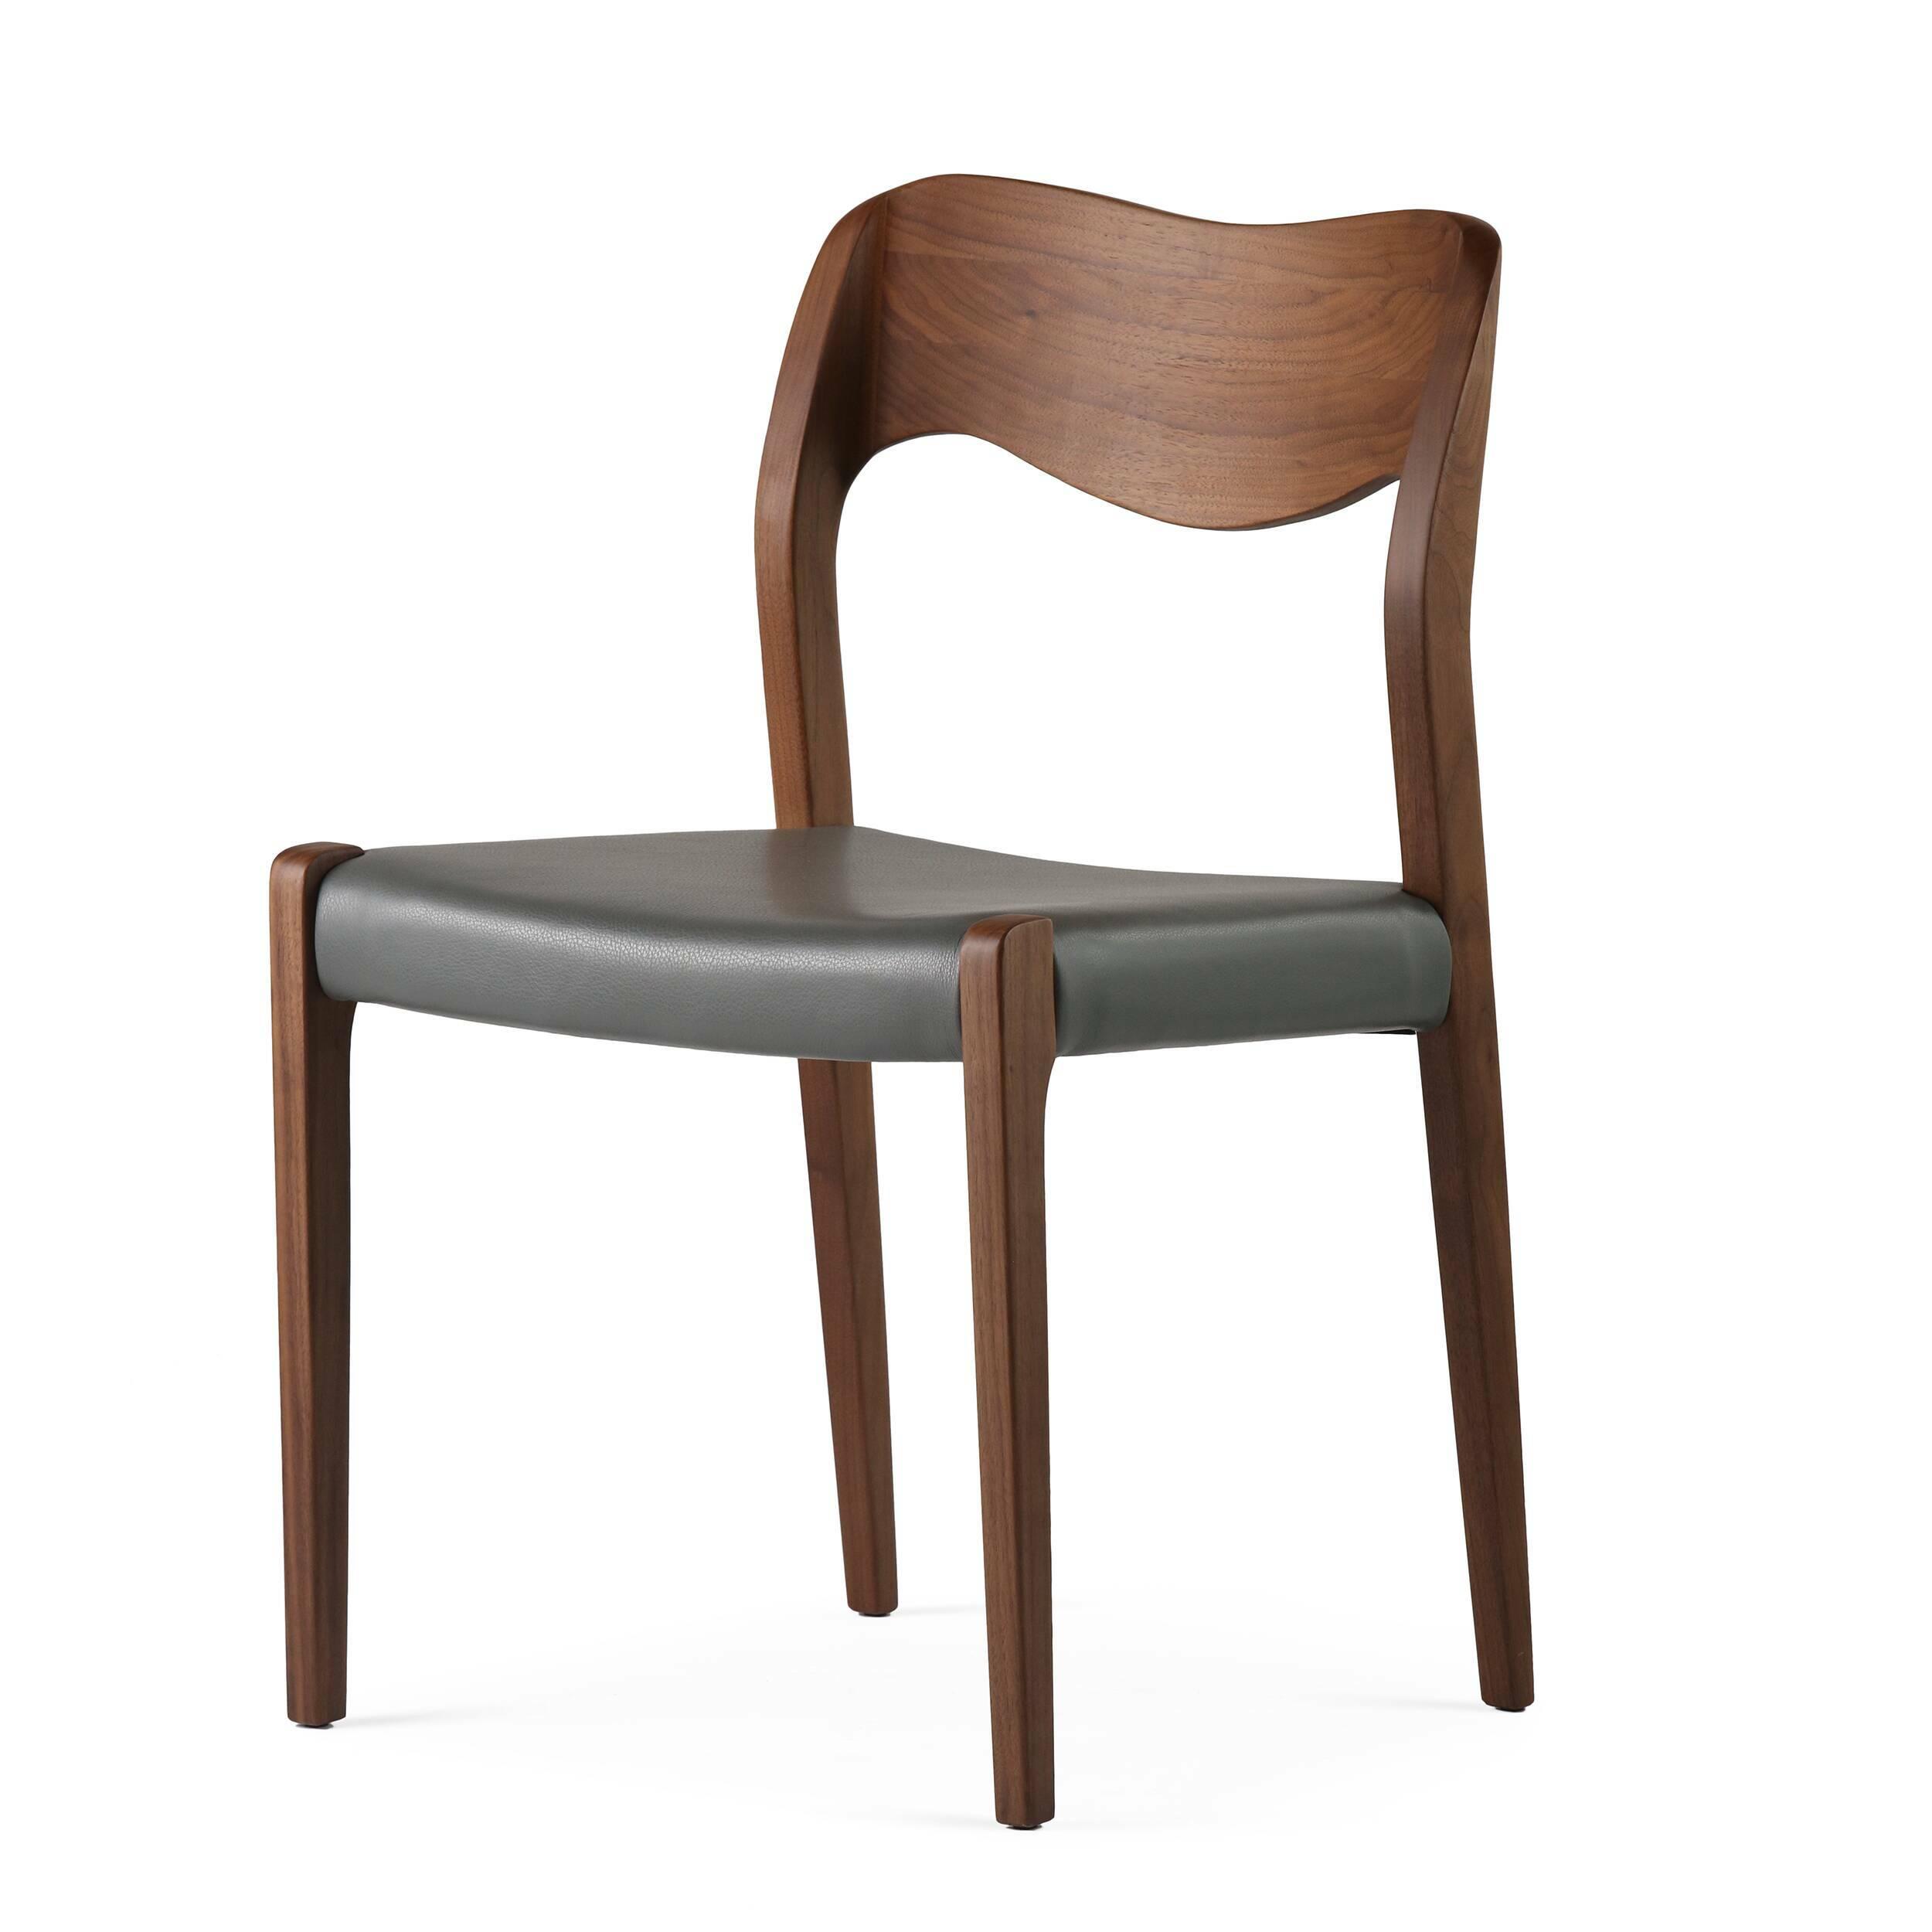 Стул WideИнтерьерные<br>Дизайнерский стул Wide (Уайд) с каркасом из дерева от Cosmo (Космо).<br> Стул Wide вполне претендует на звание эталонного, в нем есть все, что нужно идеальному предмету интерьера. Лаконичный дизайн, плавные линии, четкая геометрия — такой стул легко впишется в любой интерьер, каким бы авангардным он ни был. Ну а для пространств, оформленных в стиле скандинавского минимализма, оригинальный стул Wide просто незаменим.<br><br><br> Кожаная обивка сиденья не только повышает комфорт, но и придает лоск — т...<br><br>stock: 0<br>Высота: 78,5<br>Ширина: 50<br>Глубина: 50,5<br>Материал каркаса: Массив ореха<br>Тип материала каркаса: Дерево<br>Цвет сидения: Темно-серый<br>Тип материала сидения: Кожа<br>Коллекция ткани: Harry Leather<br>Цвет каркаса: Орех